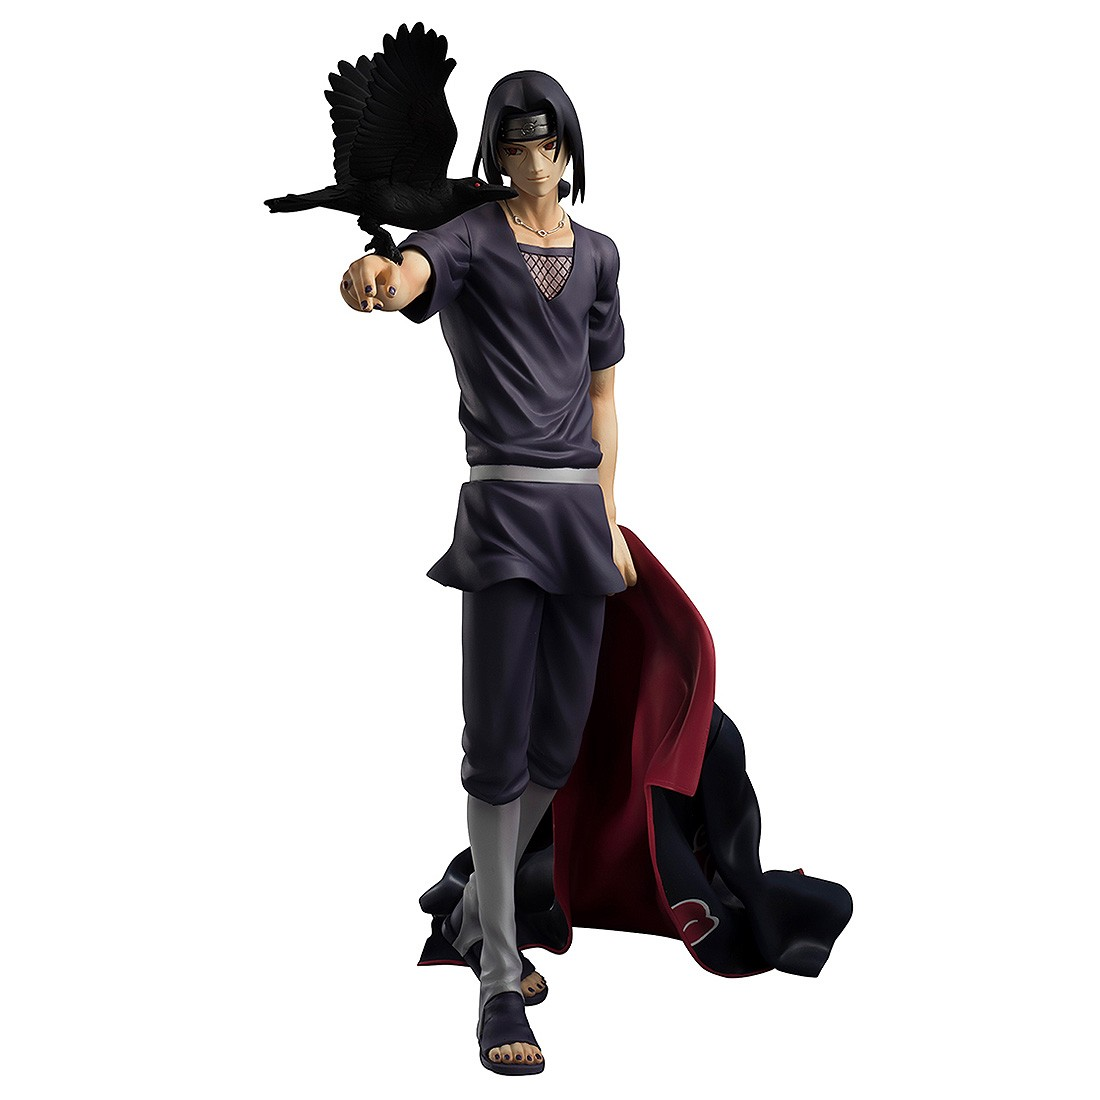 PREORDER - MegaHouse Naruto Shippuden G.E.M. Series Itachi Uchiha Figure Re-Run (gray)